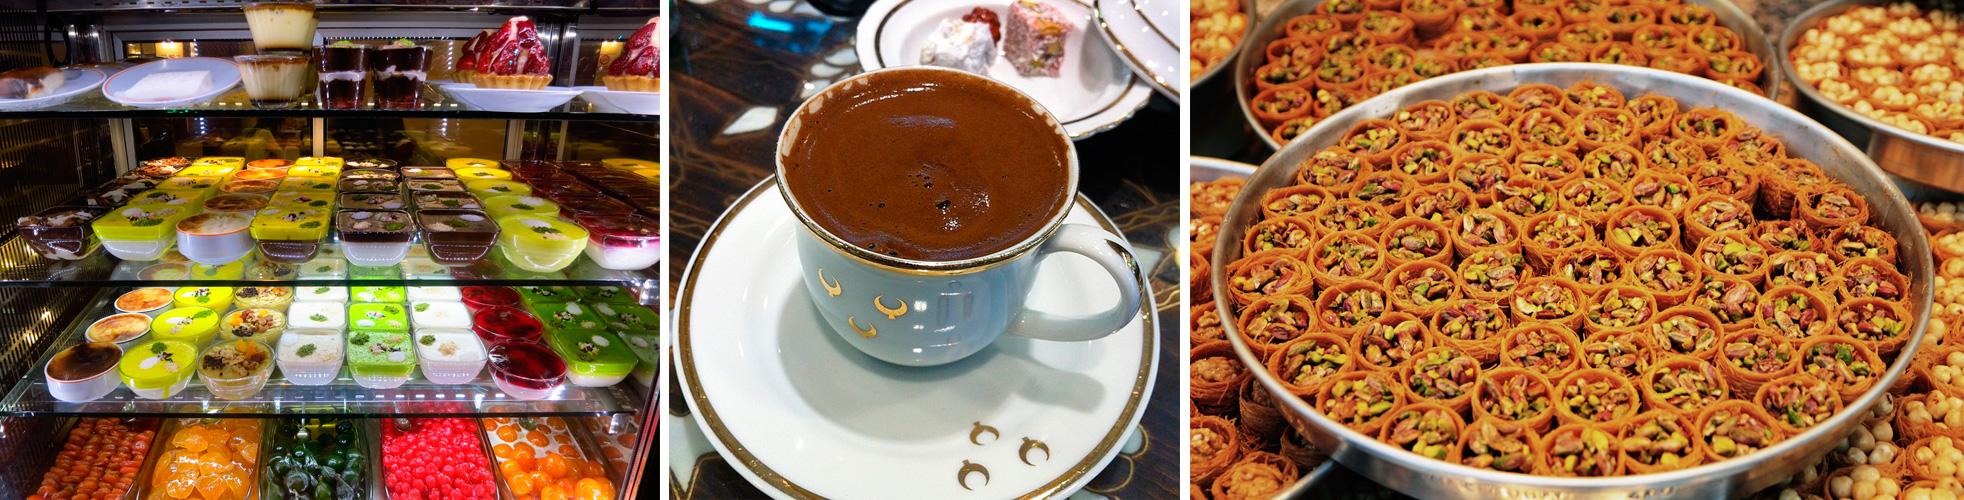 baklava, cafe turco y delicias